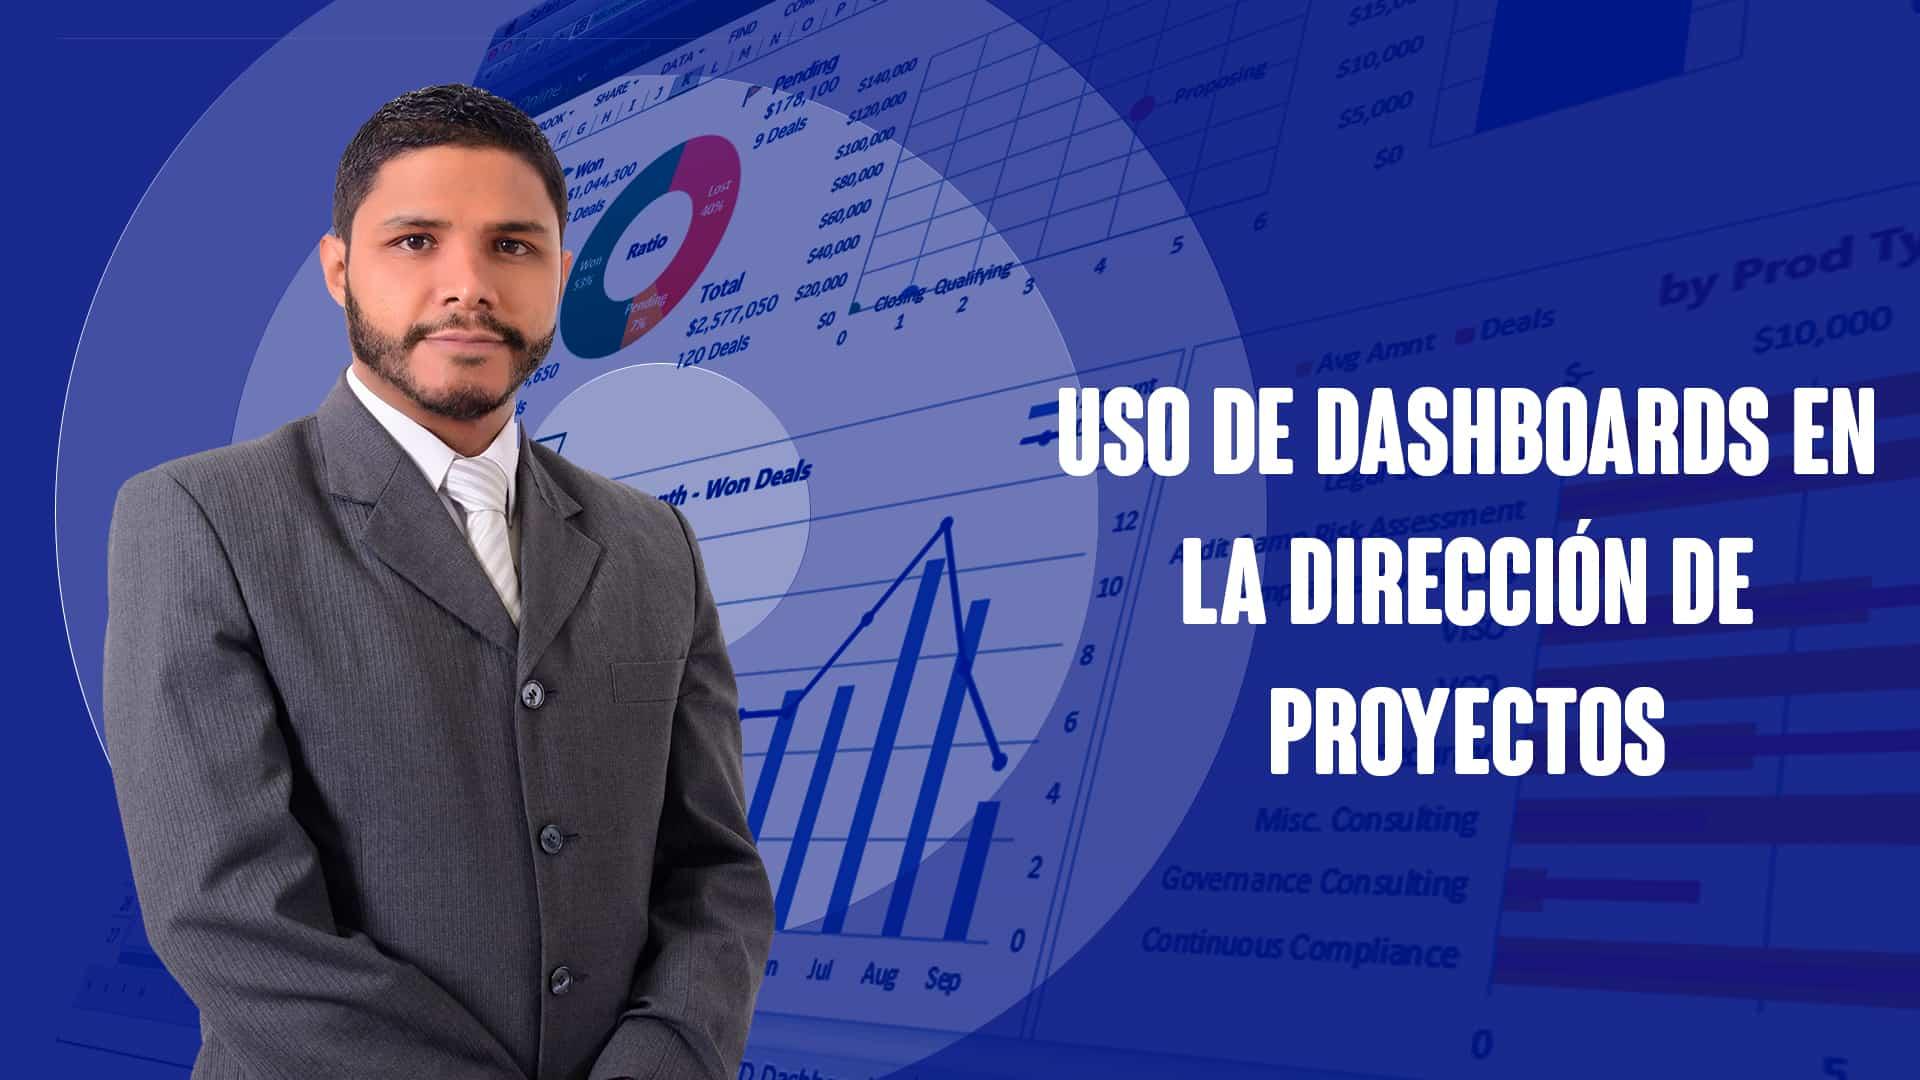 Uso de dashboards en la dirección de proyectos